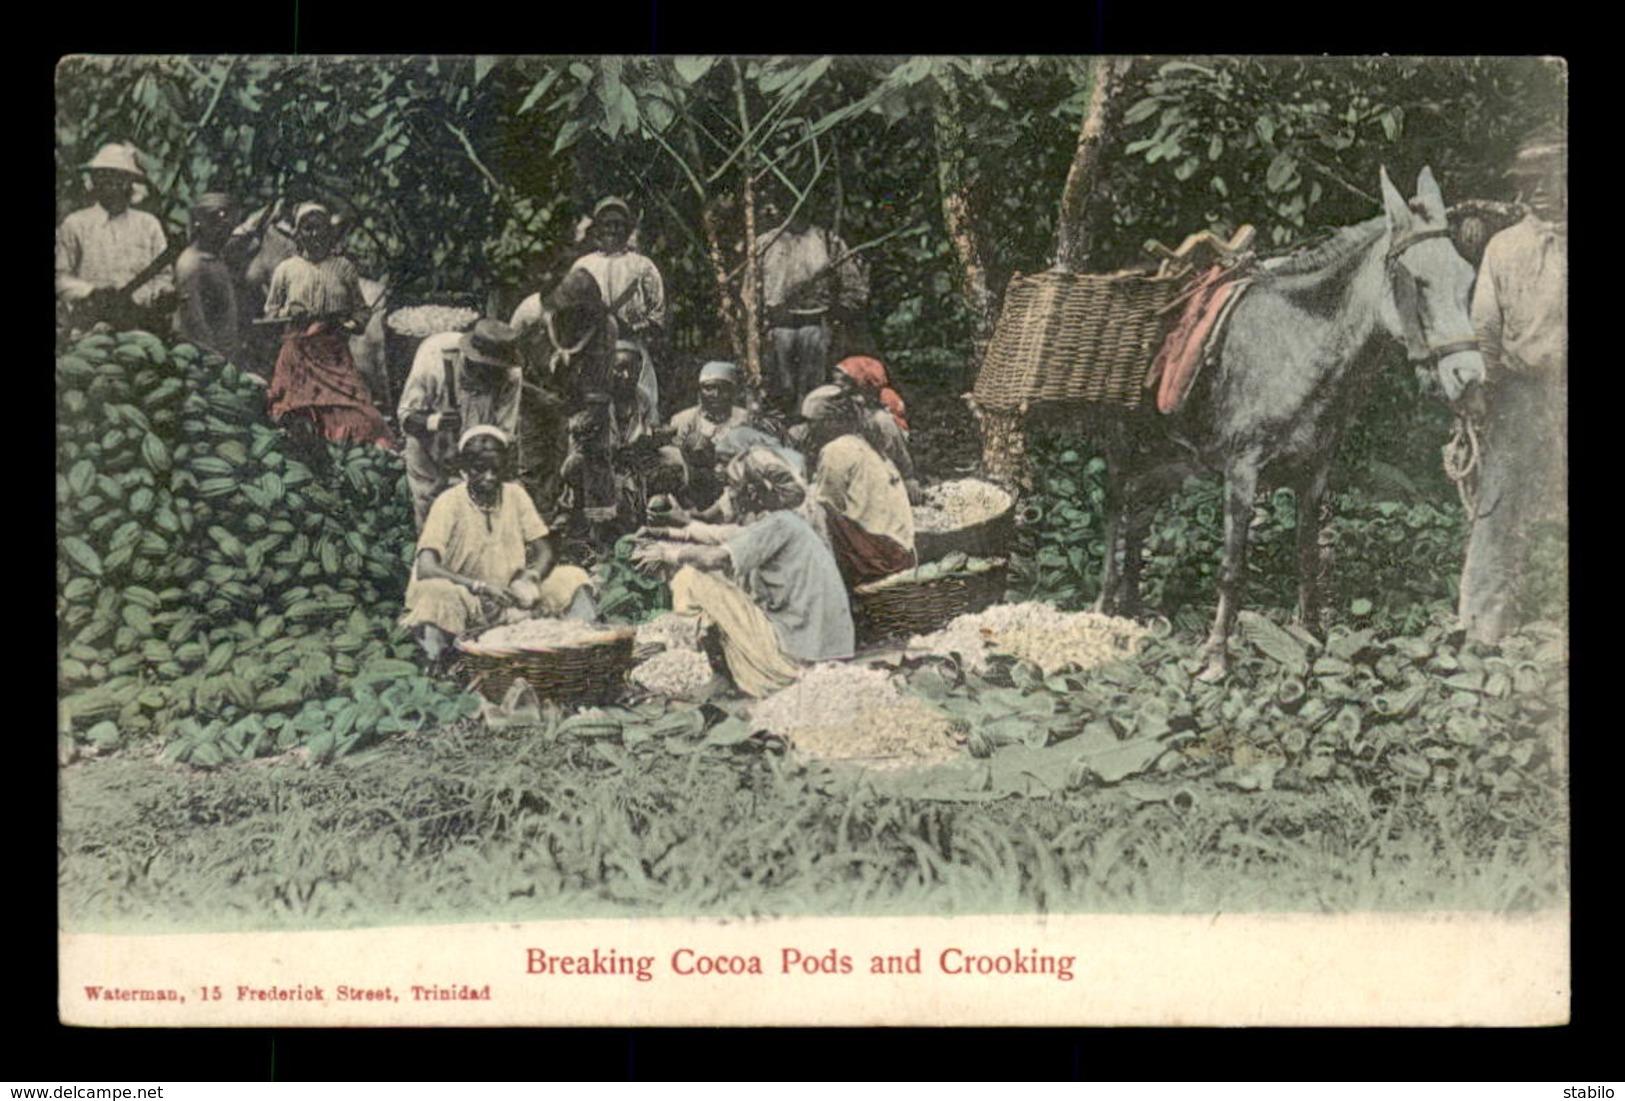 TRINIDAD ET TOBAGO - BREAKING COCOA PODS AND CROOKING - Trinidad